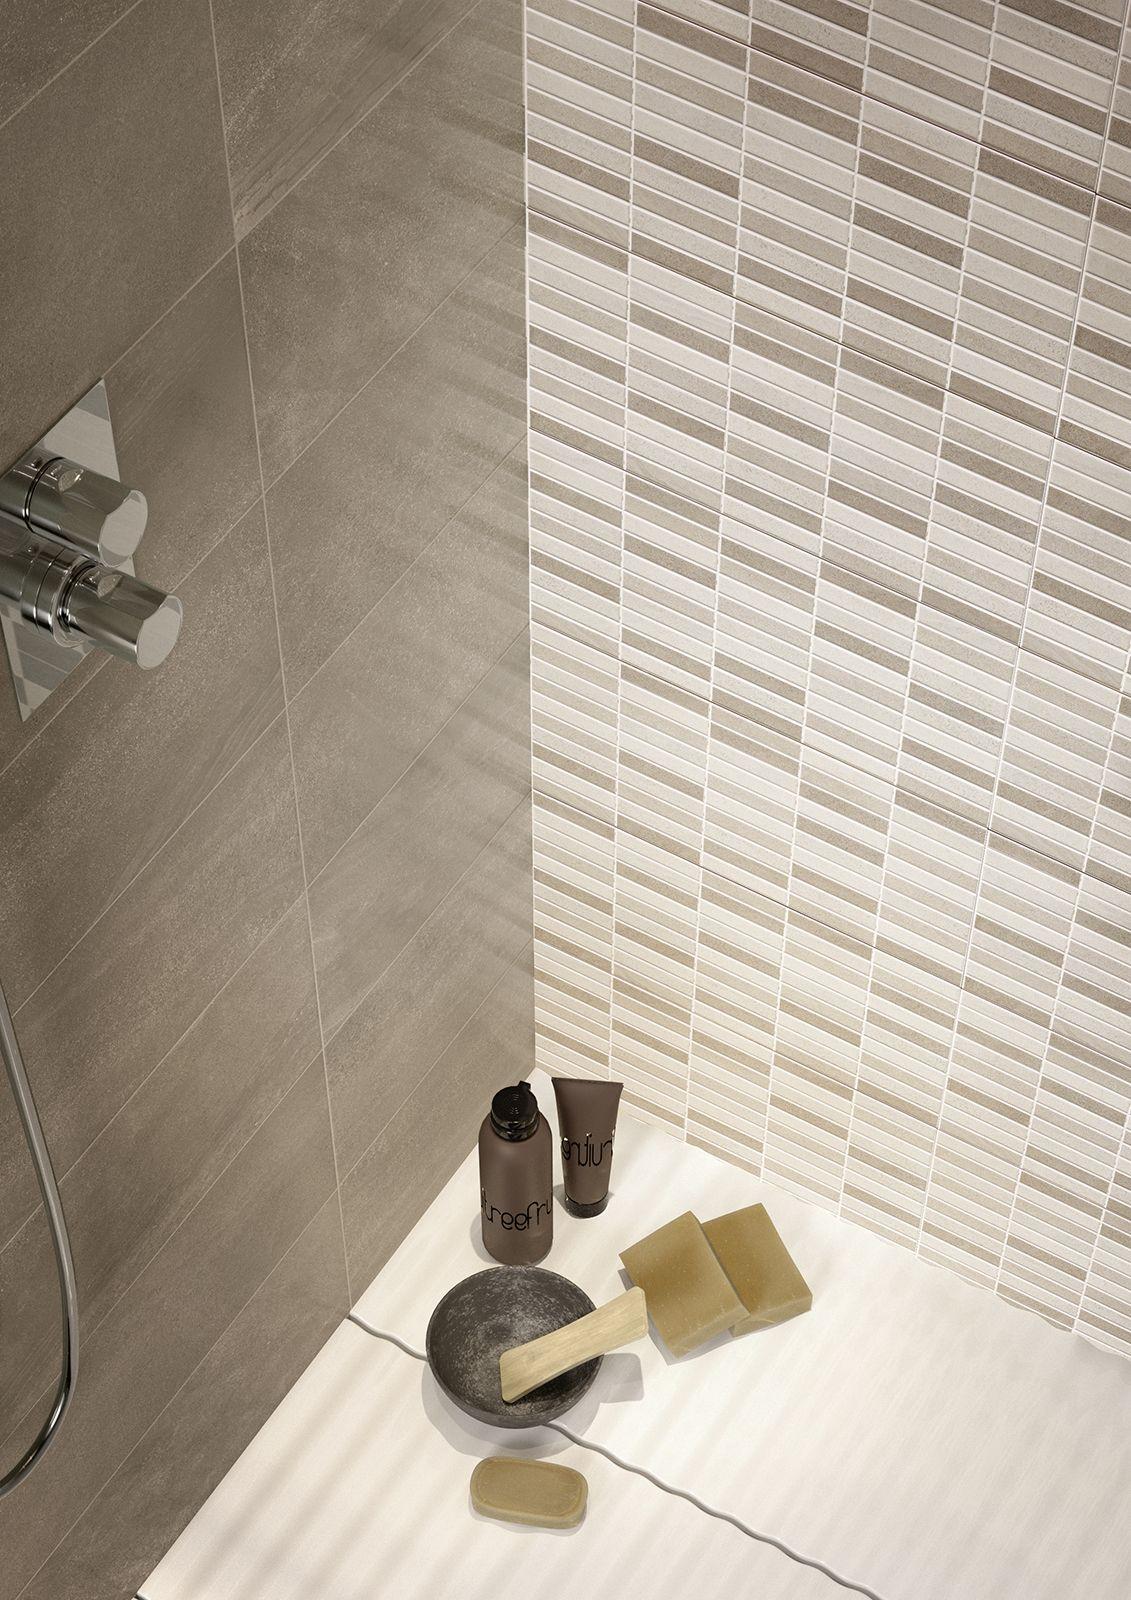 Interiors Ceramic Tiles Marazzi6178 Tiles Amp Patterns